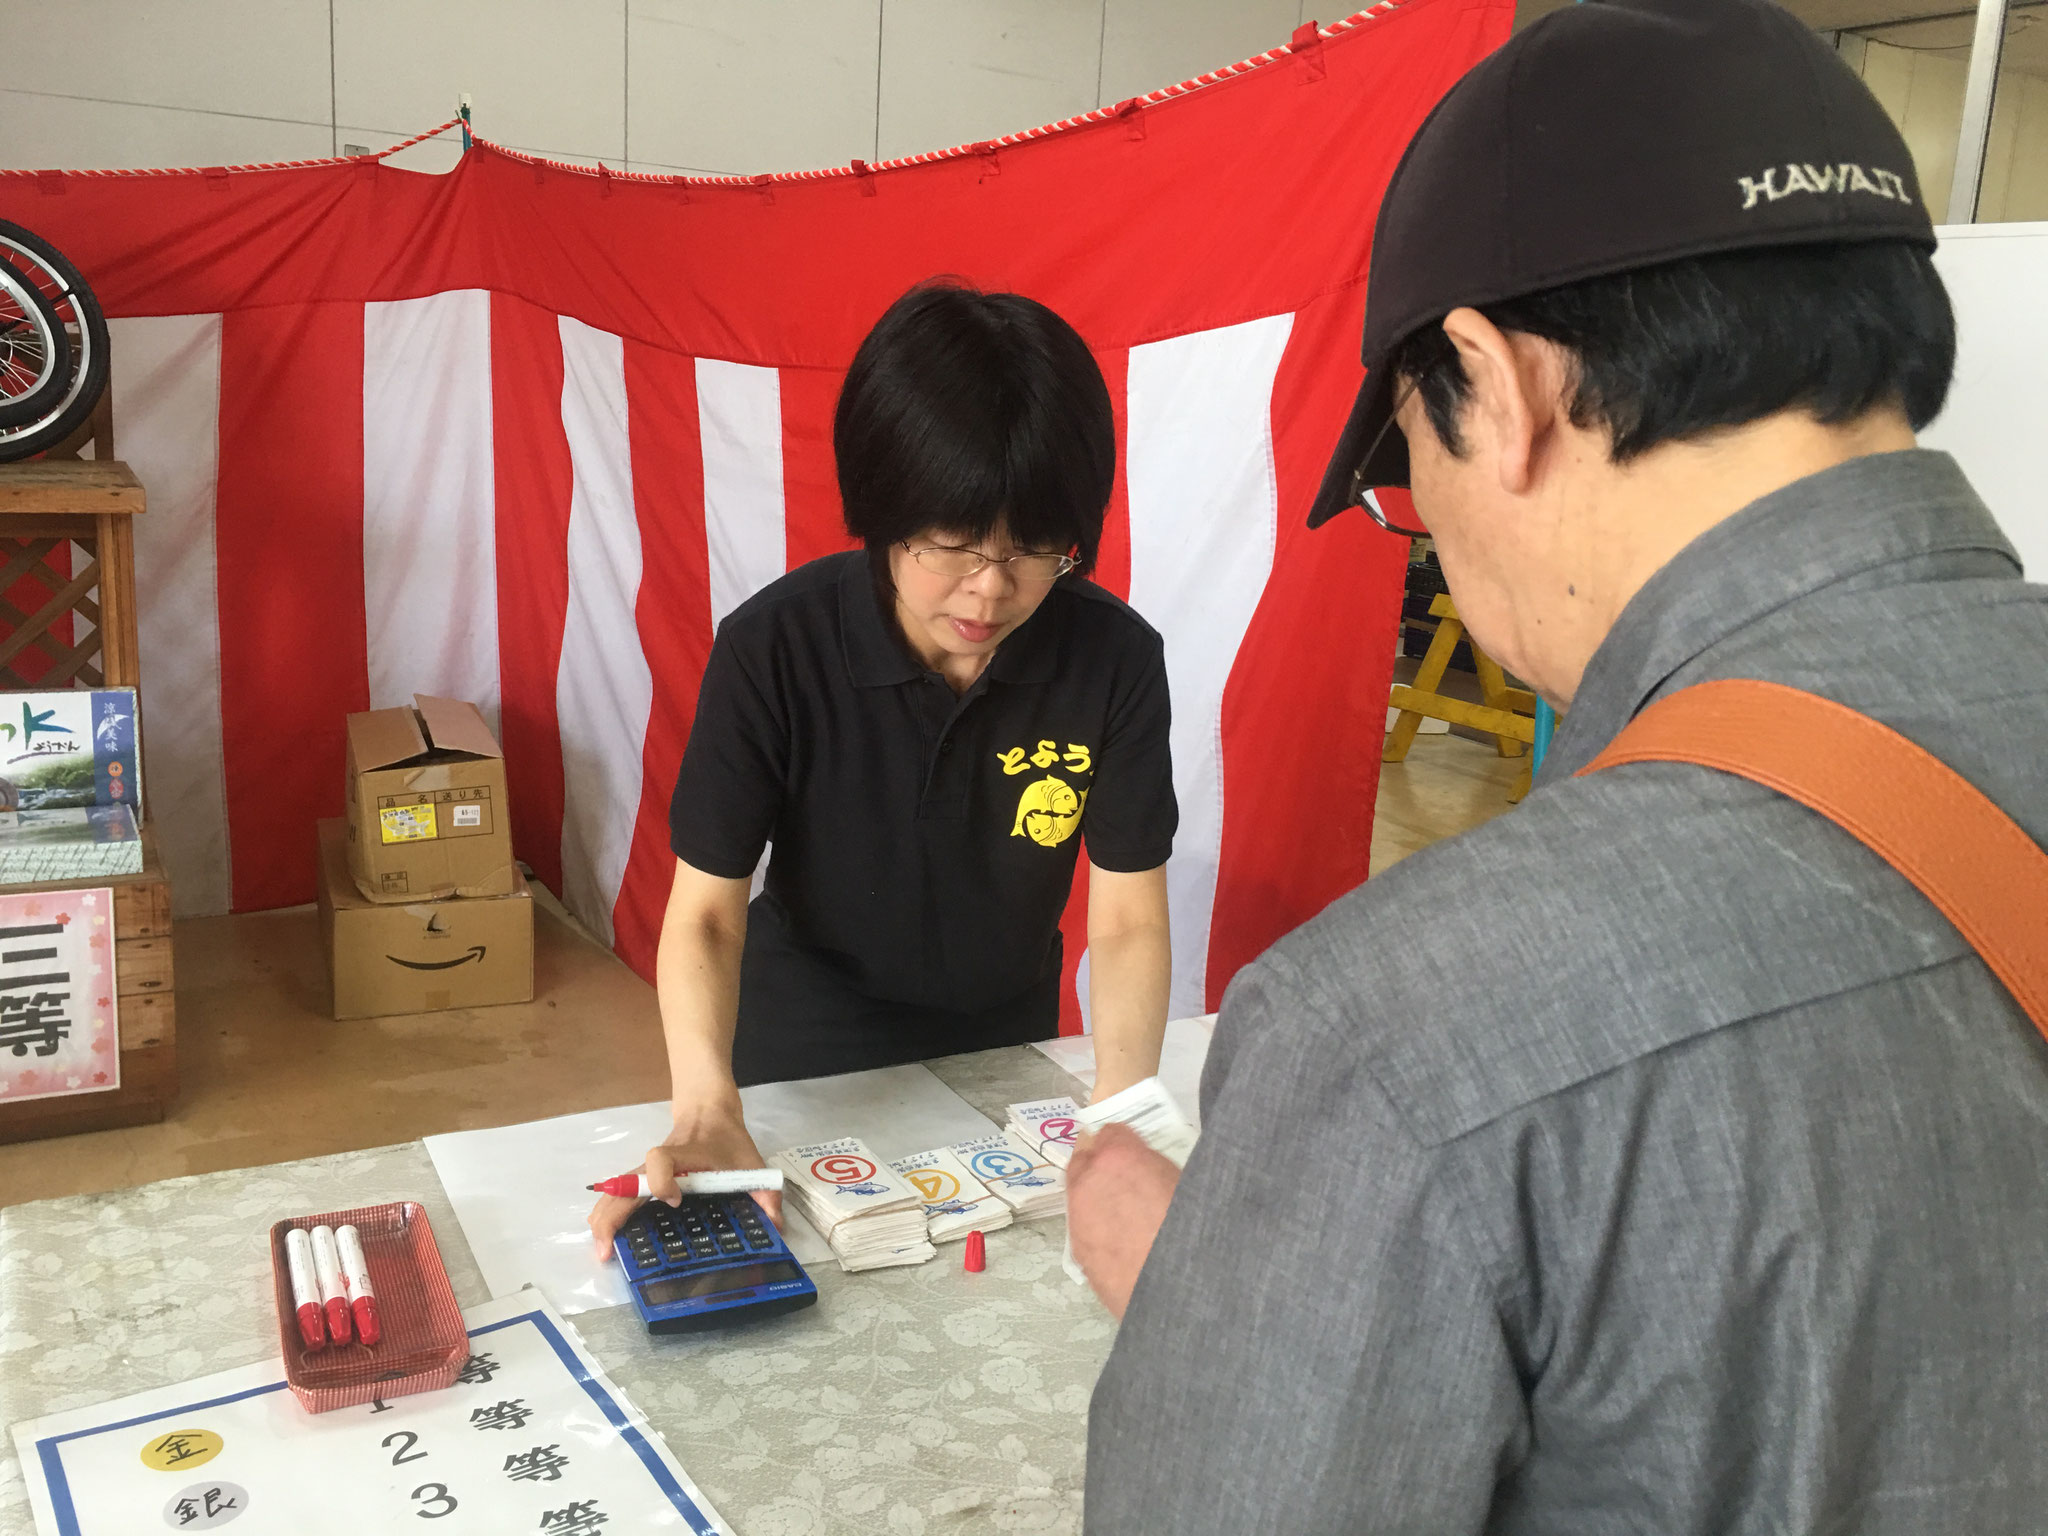 お買い物時のレシートを持参してお越し下さい。2000円毎に1回、最高5回まで抽選できます。